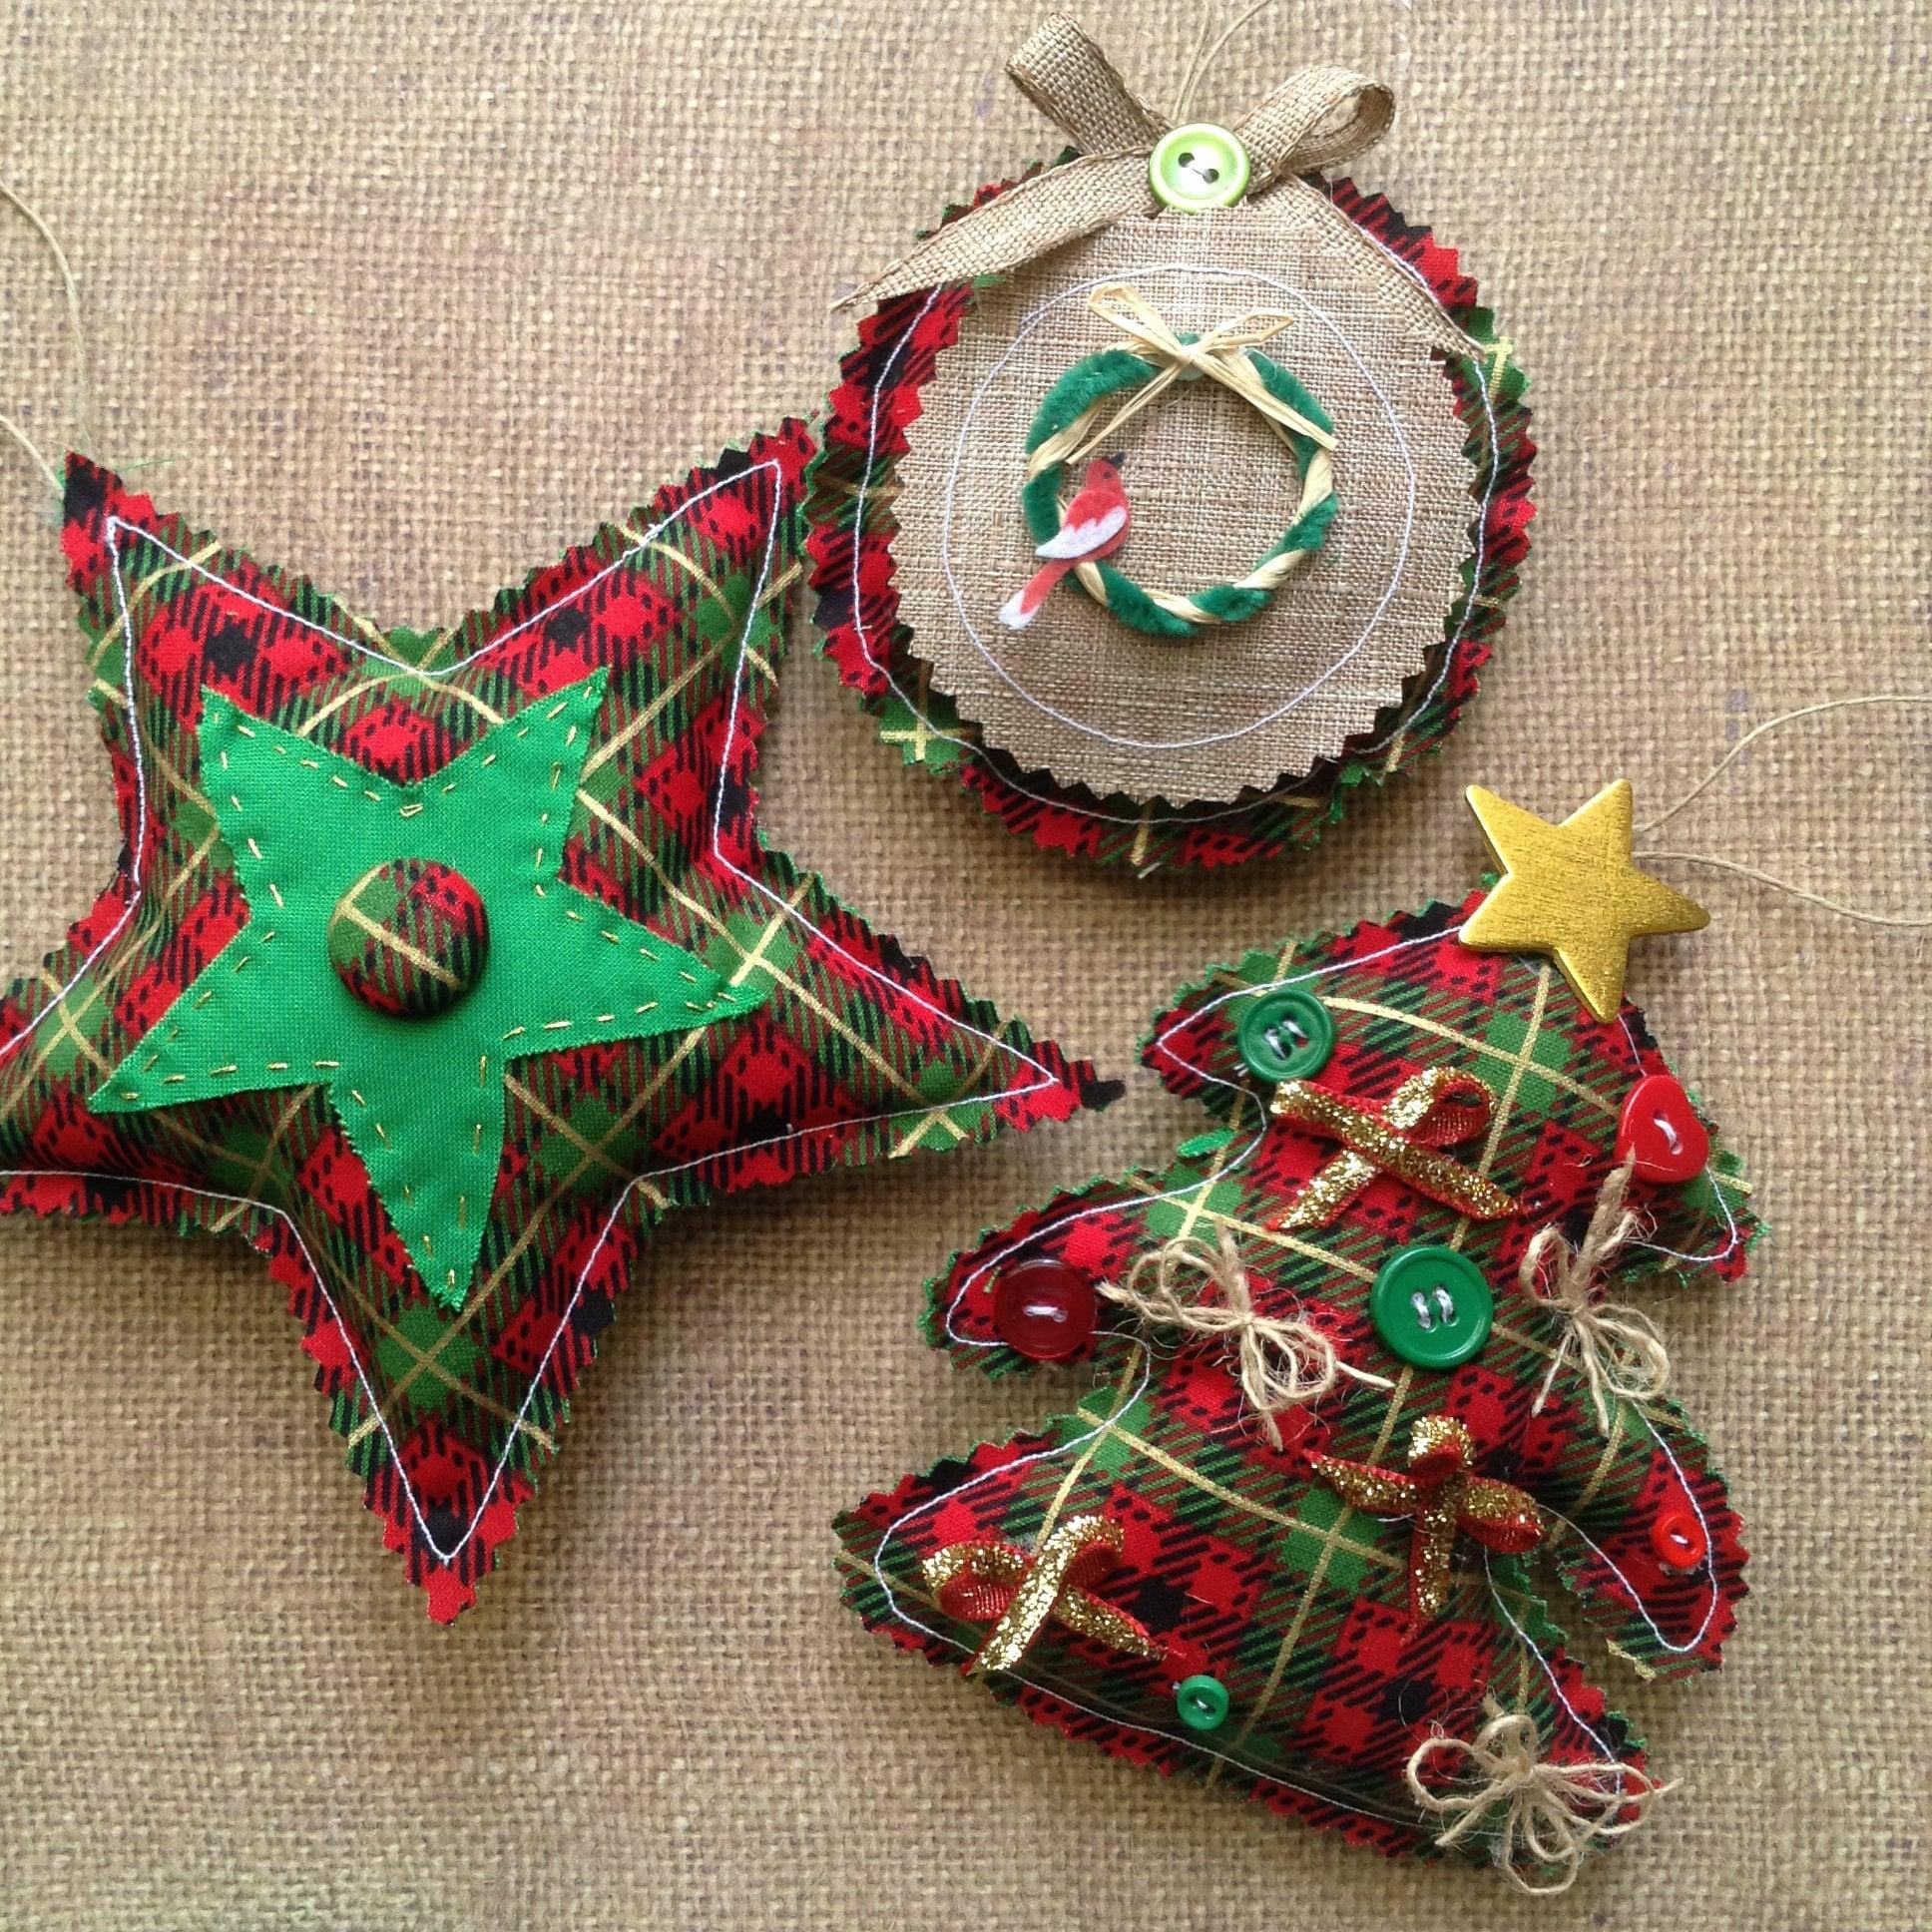 Christmas Classic Ornaments / Vintage Plaid Xmas Ornaments